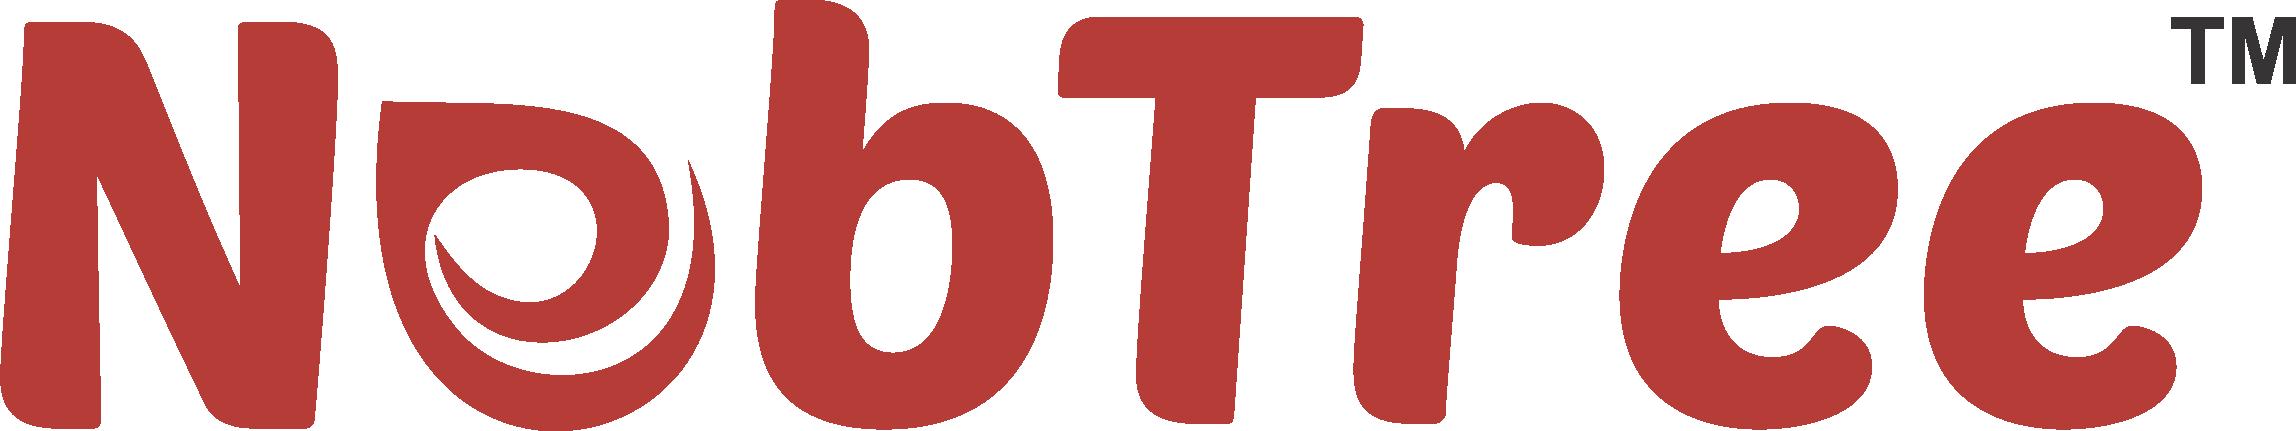 nebtree logo